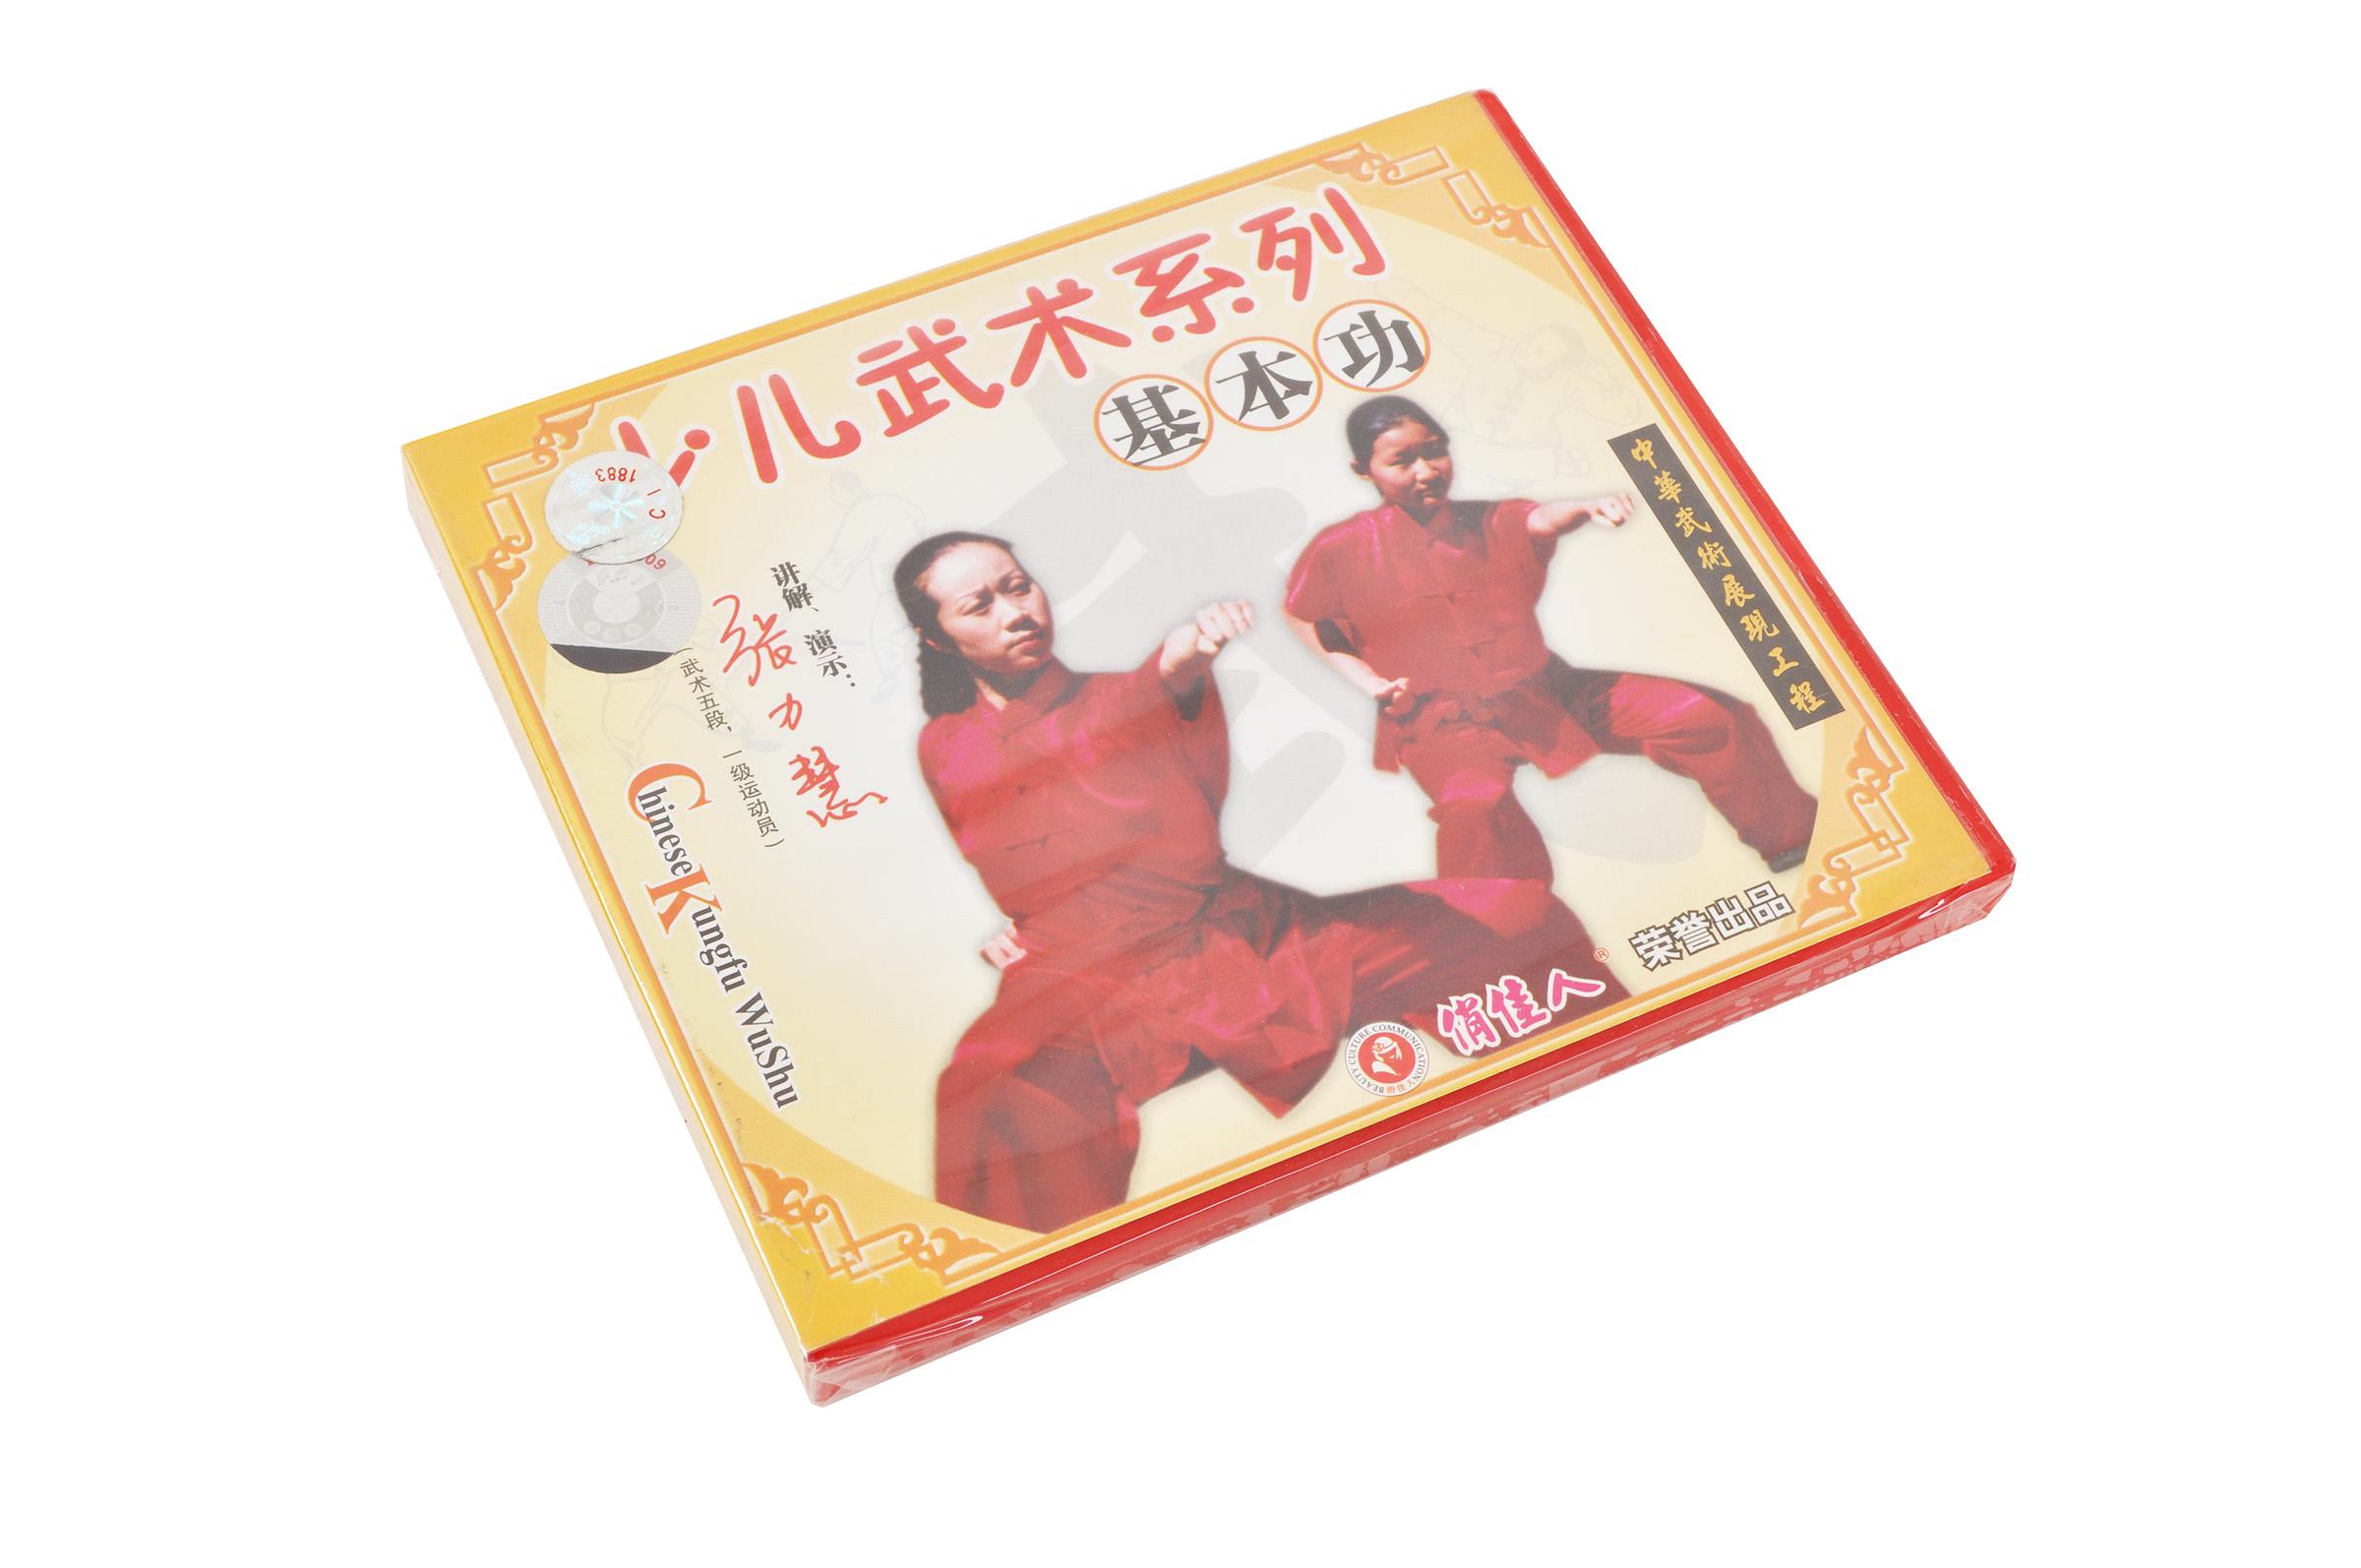 [VCD] L'essentiel du Wushu pour les enfants